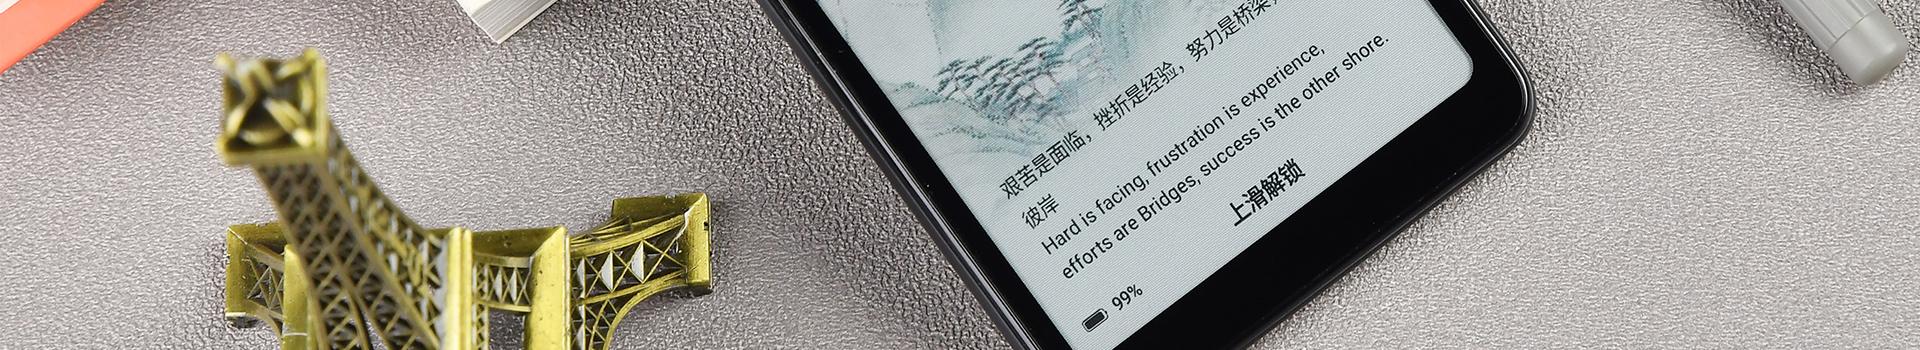 5G中国芯 快充长续航